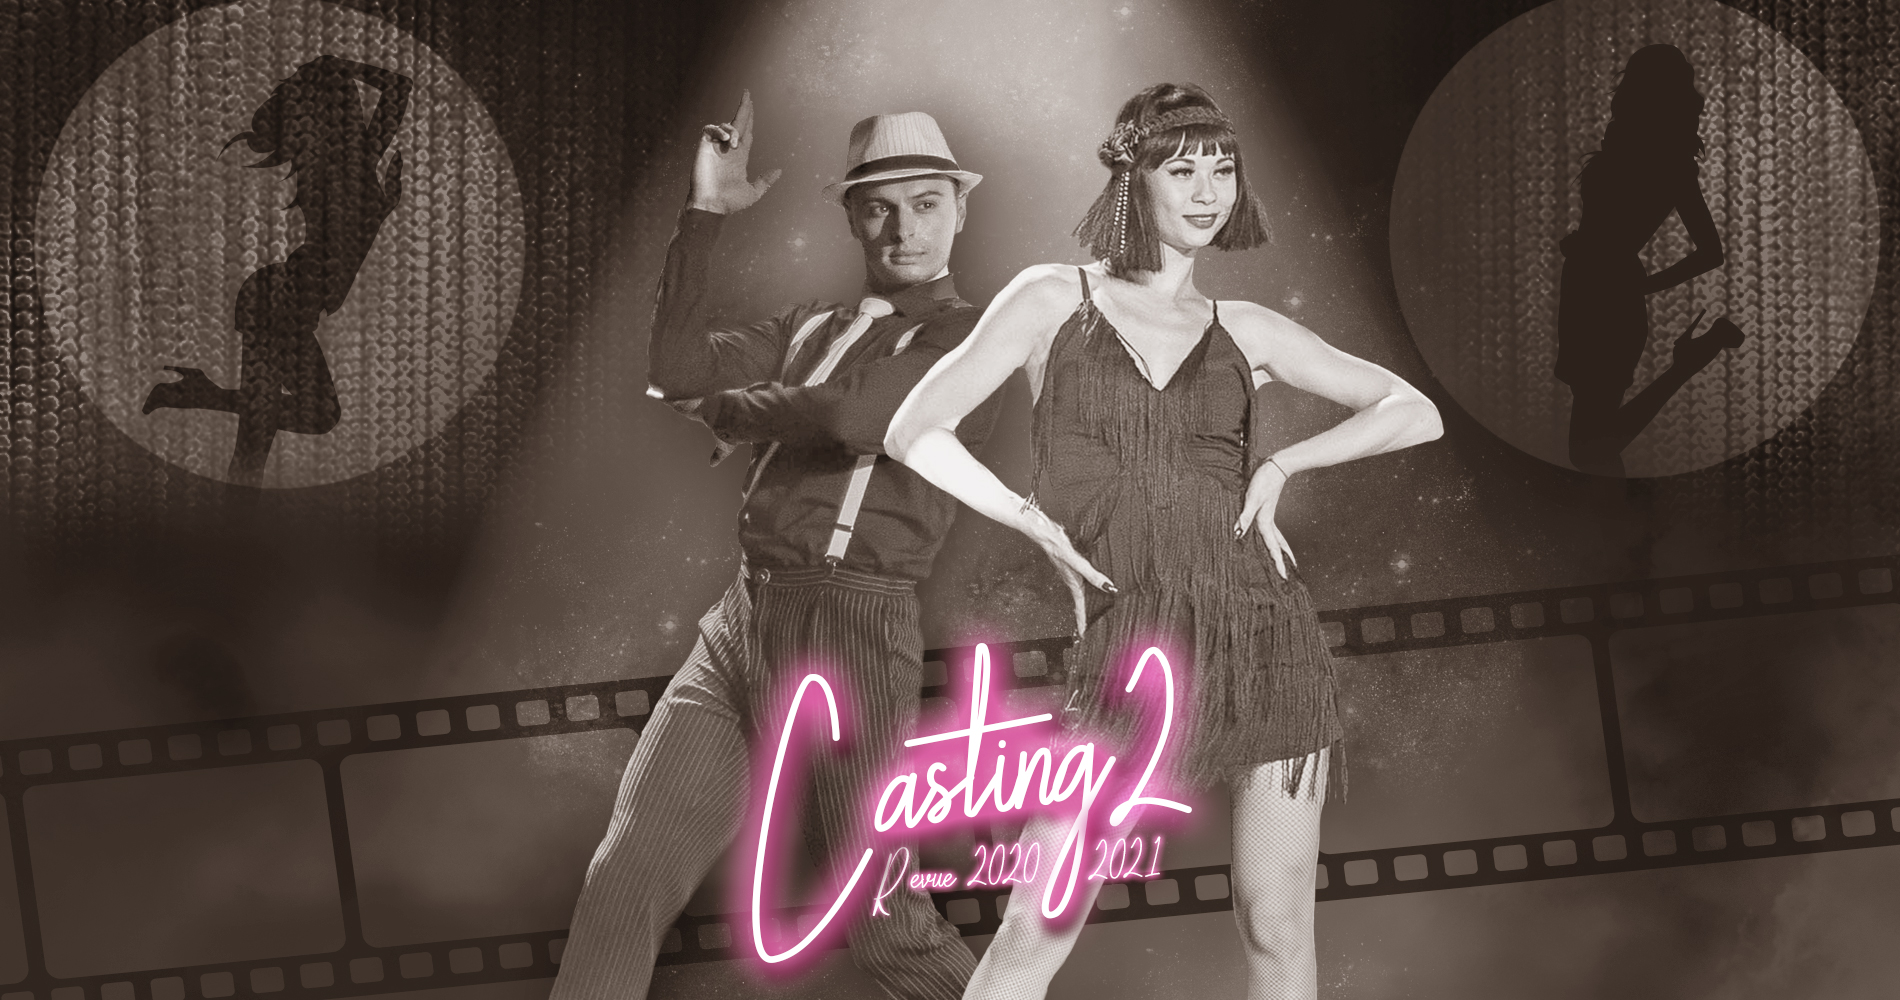 Revue Casting 2